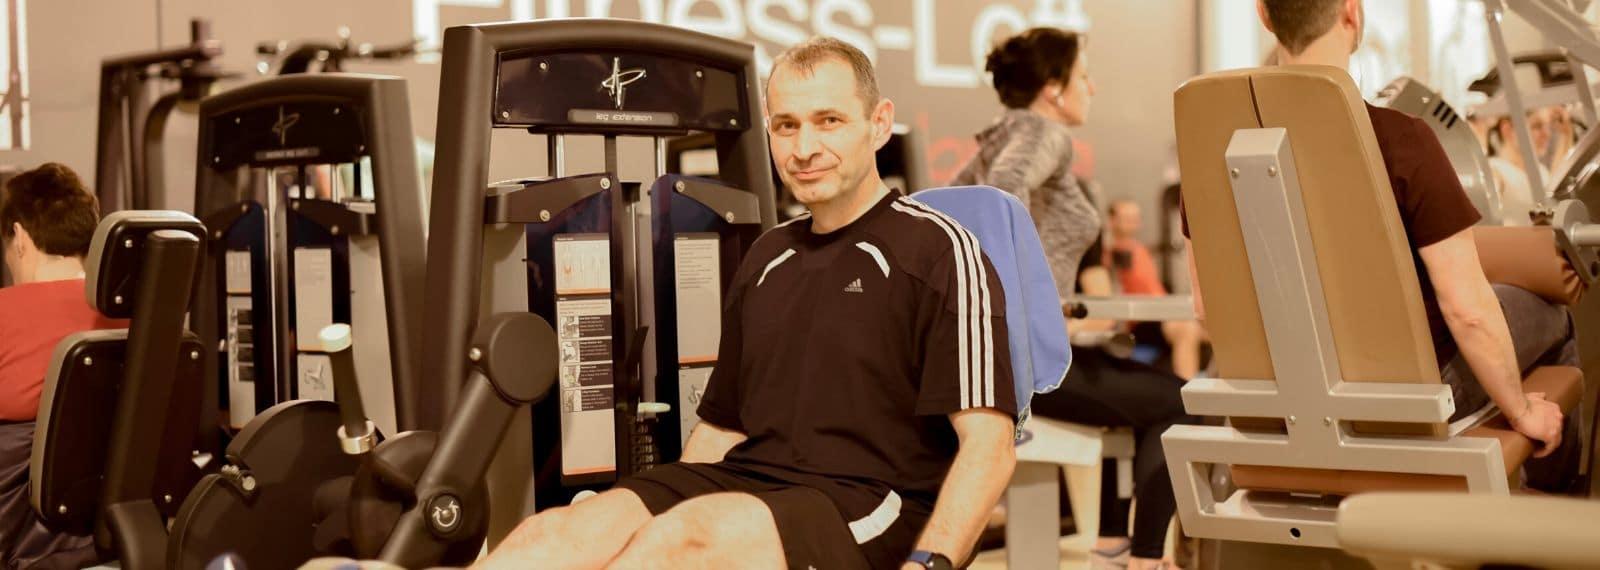 Mitglied aus dem Fitness-Loft Haid Freiburg